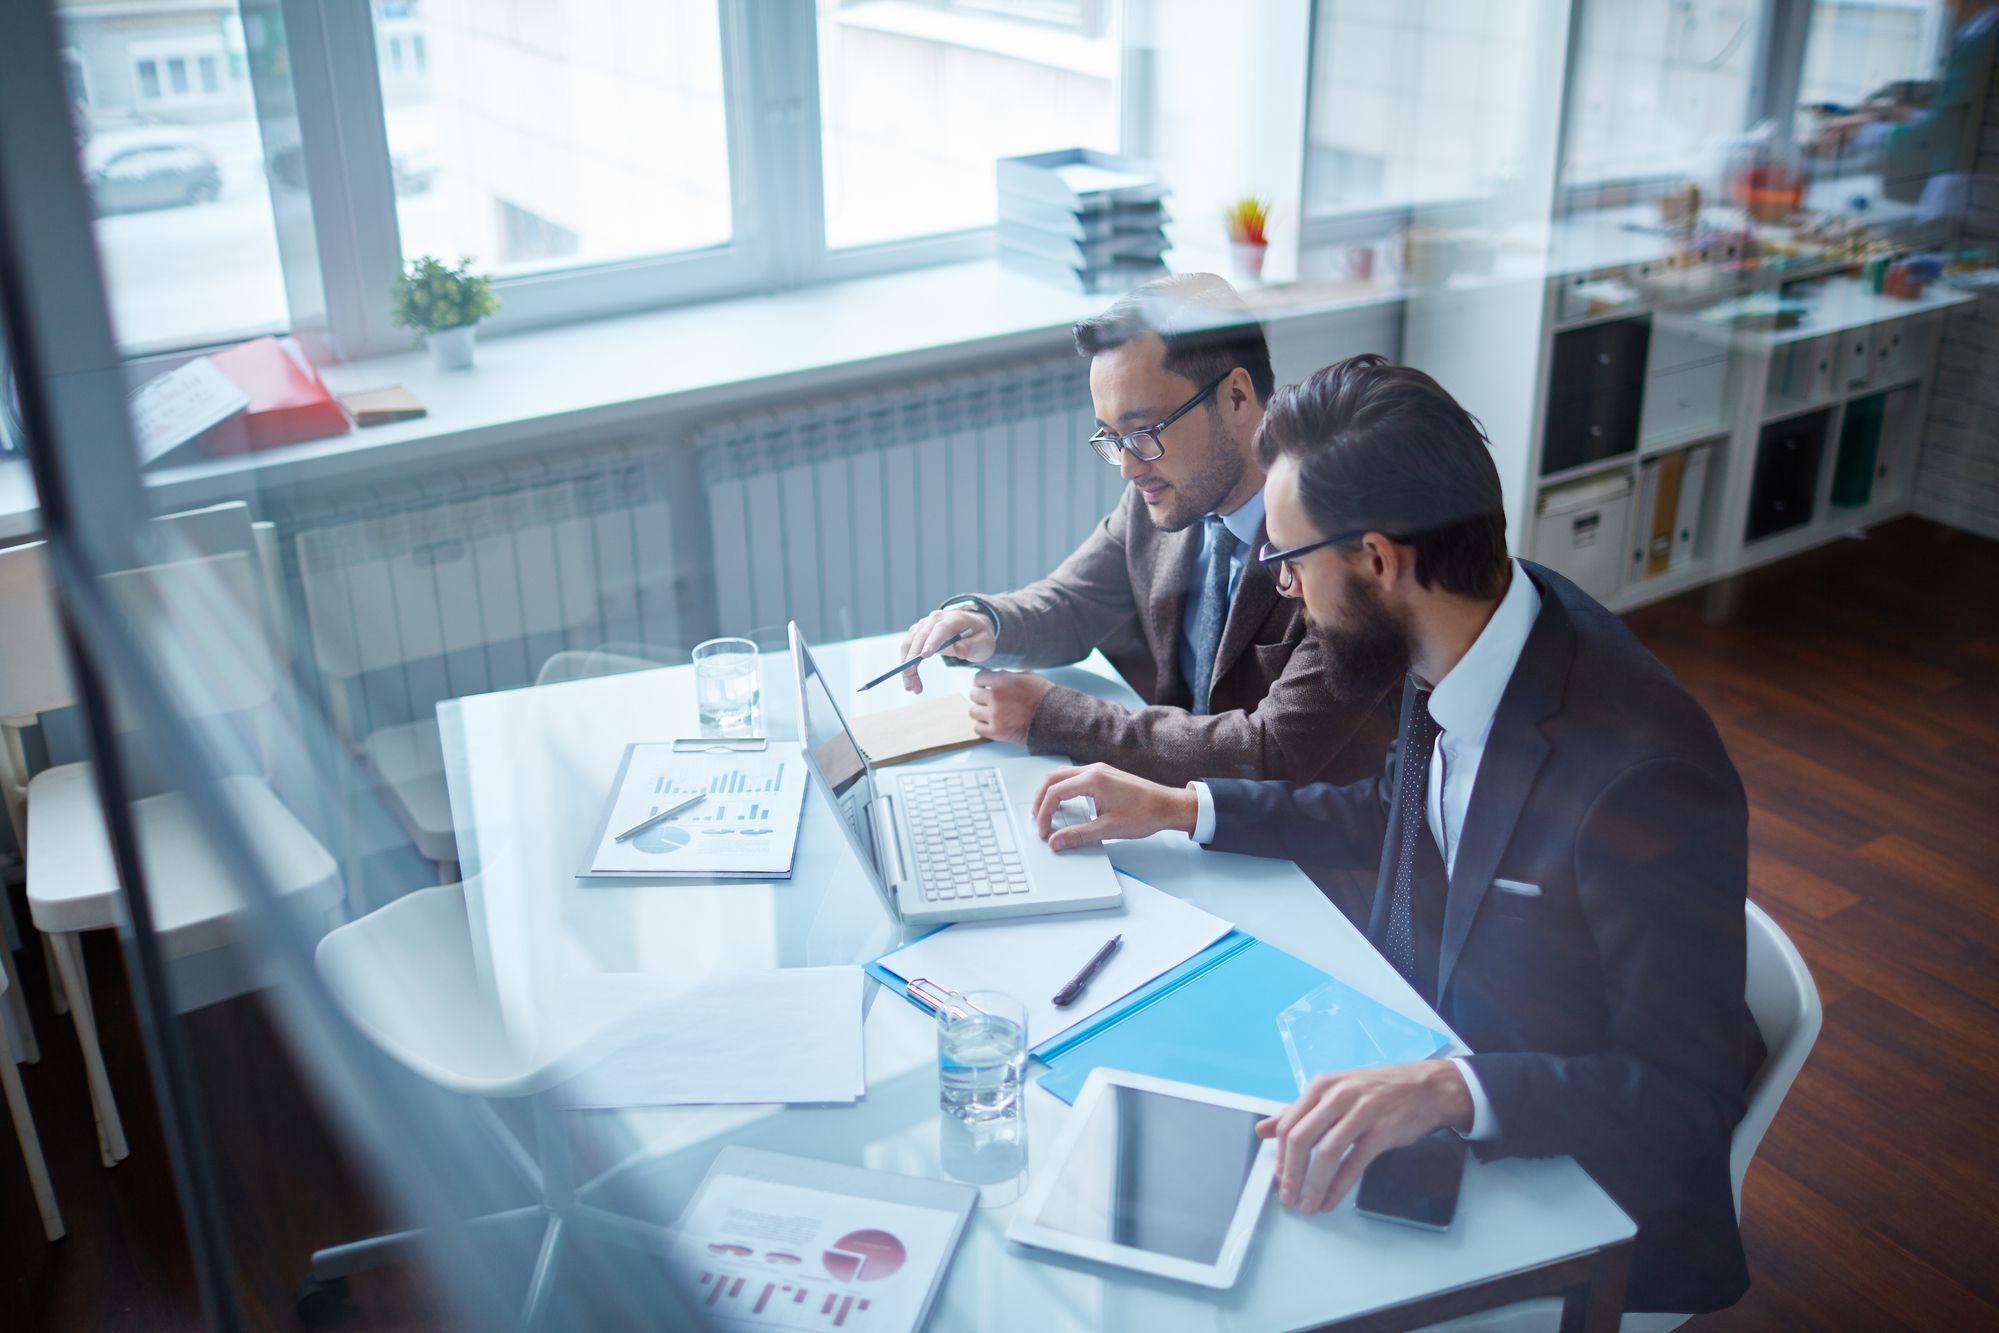 Процессное и проектное управление в республике обсудят в программе «ЯкутияLive»